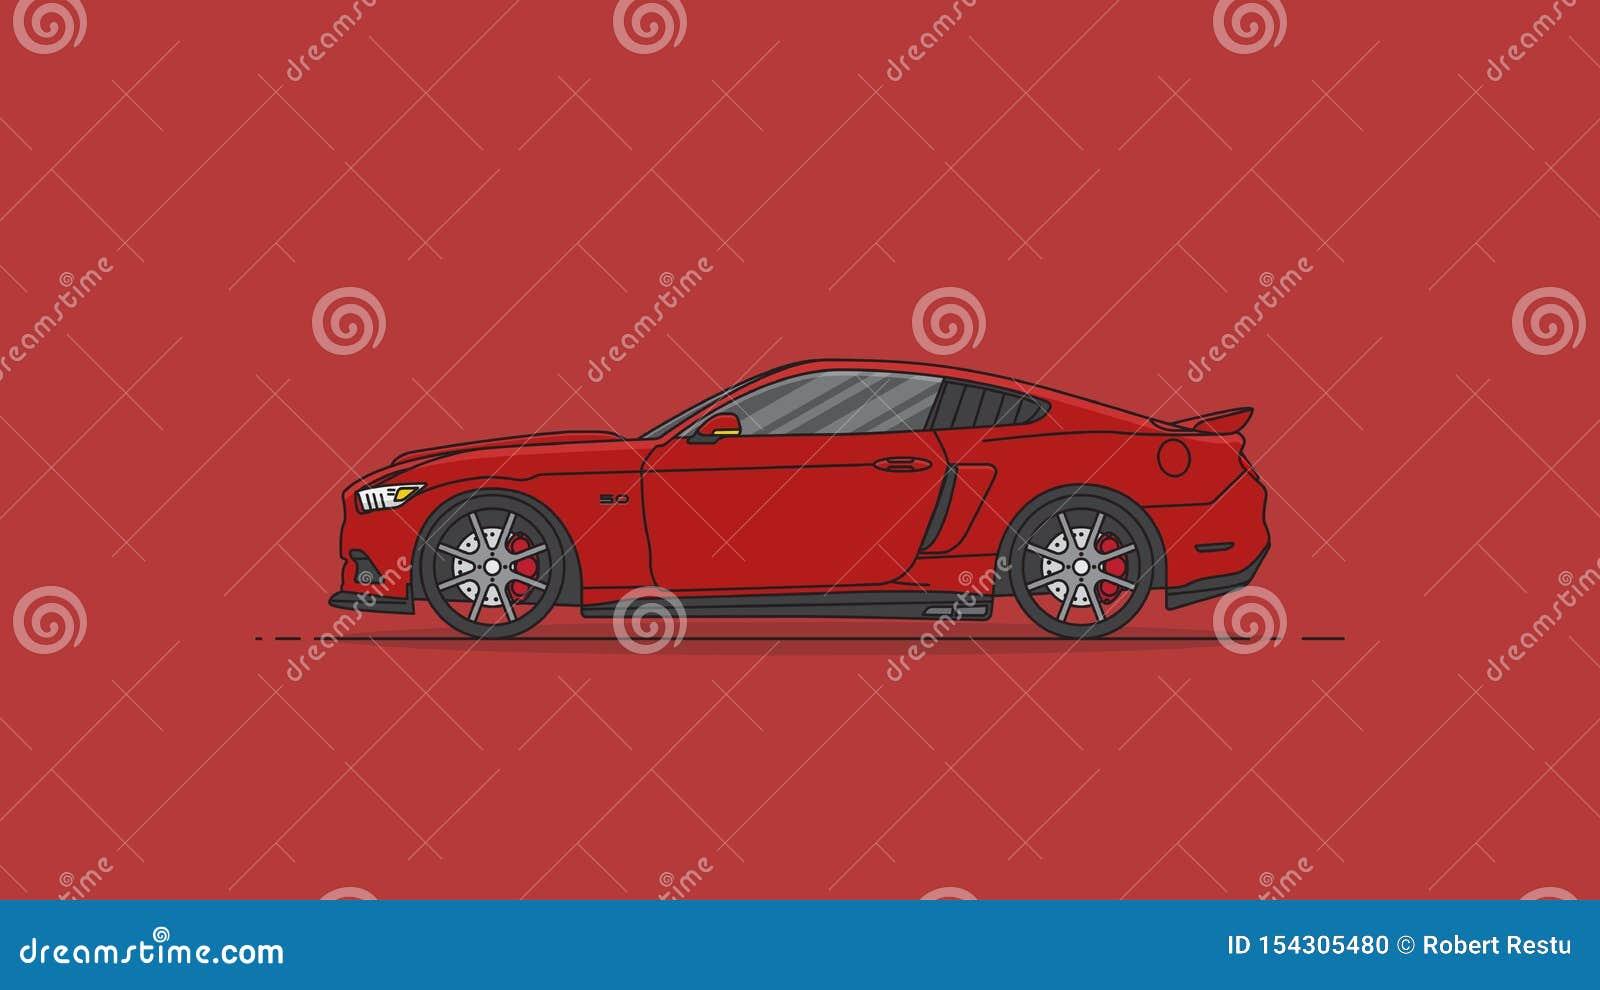 Rode van het de auto vlakke ontwerp van de sport Amerikaanse spier vectorillustratie als achtergrond